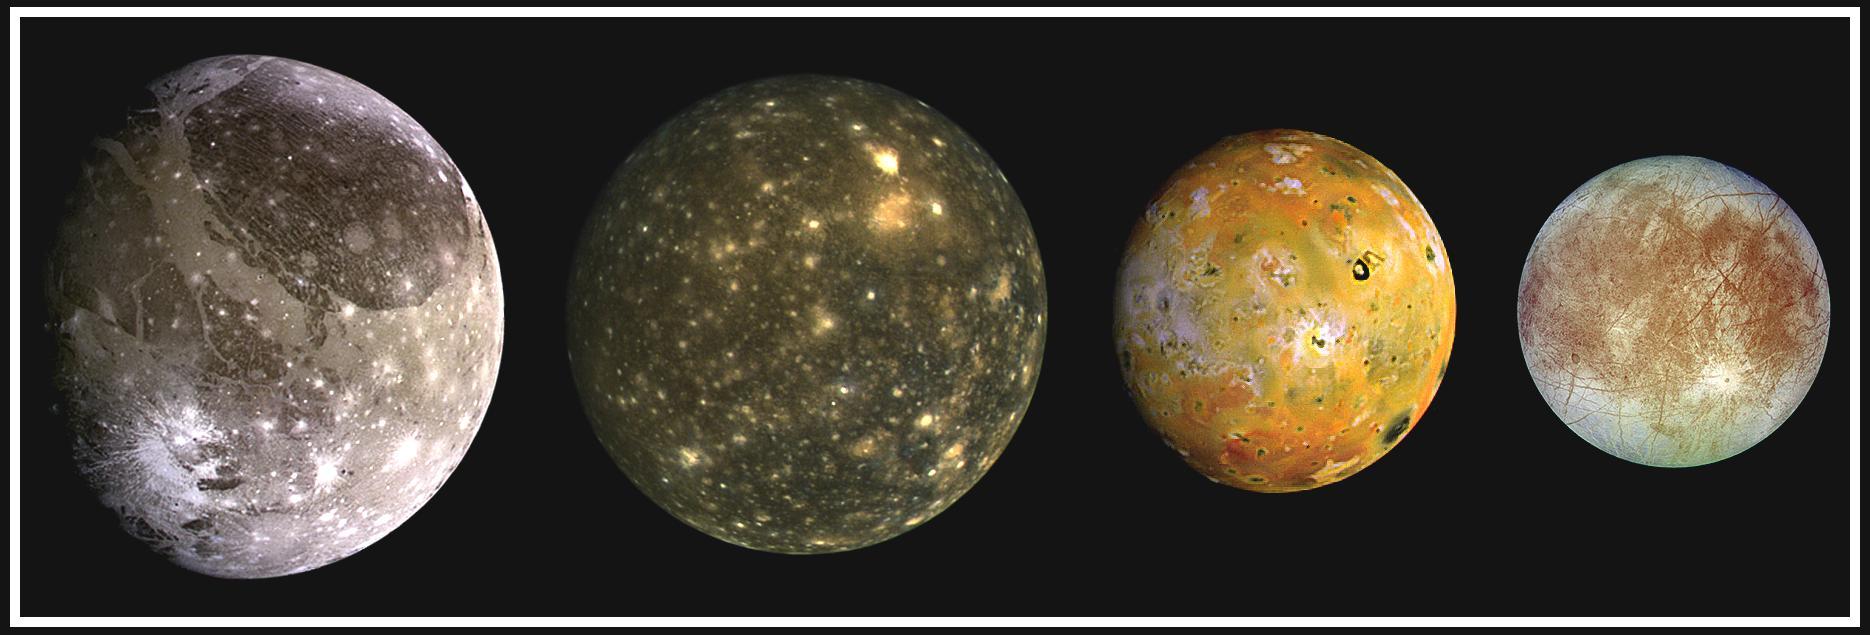 أقمار كوكب المشتري - الكون بالعربية